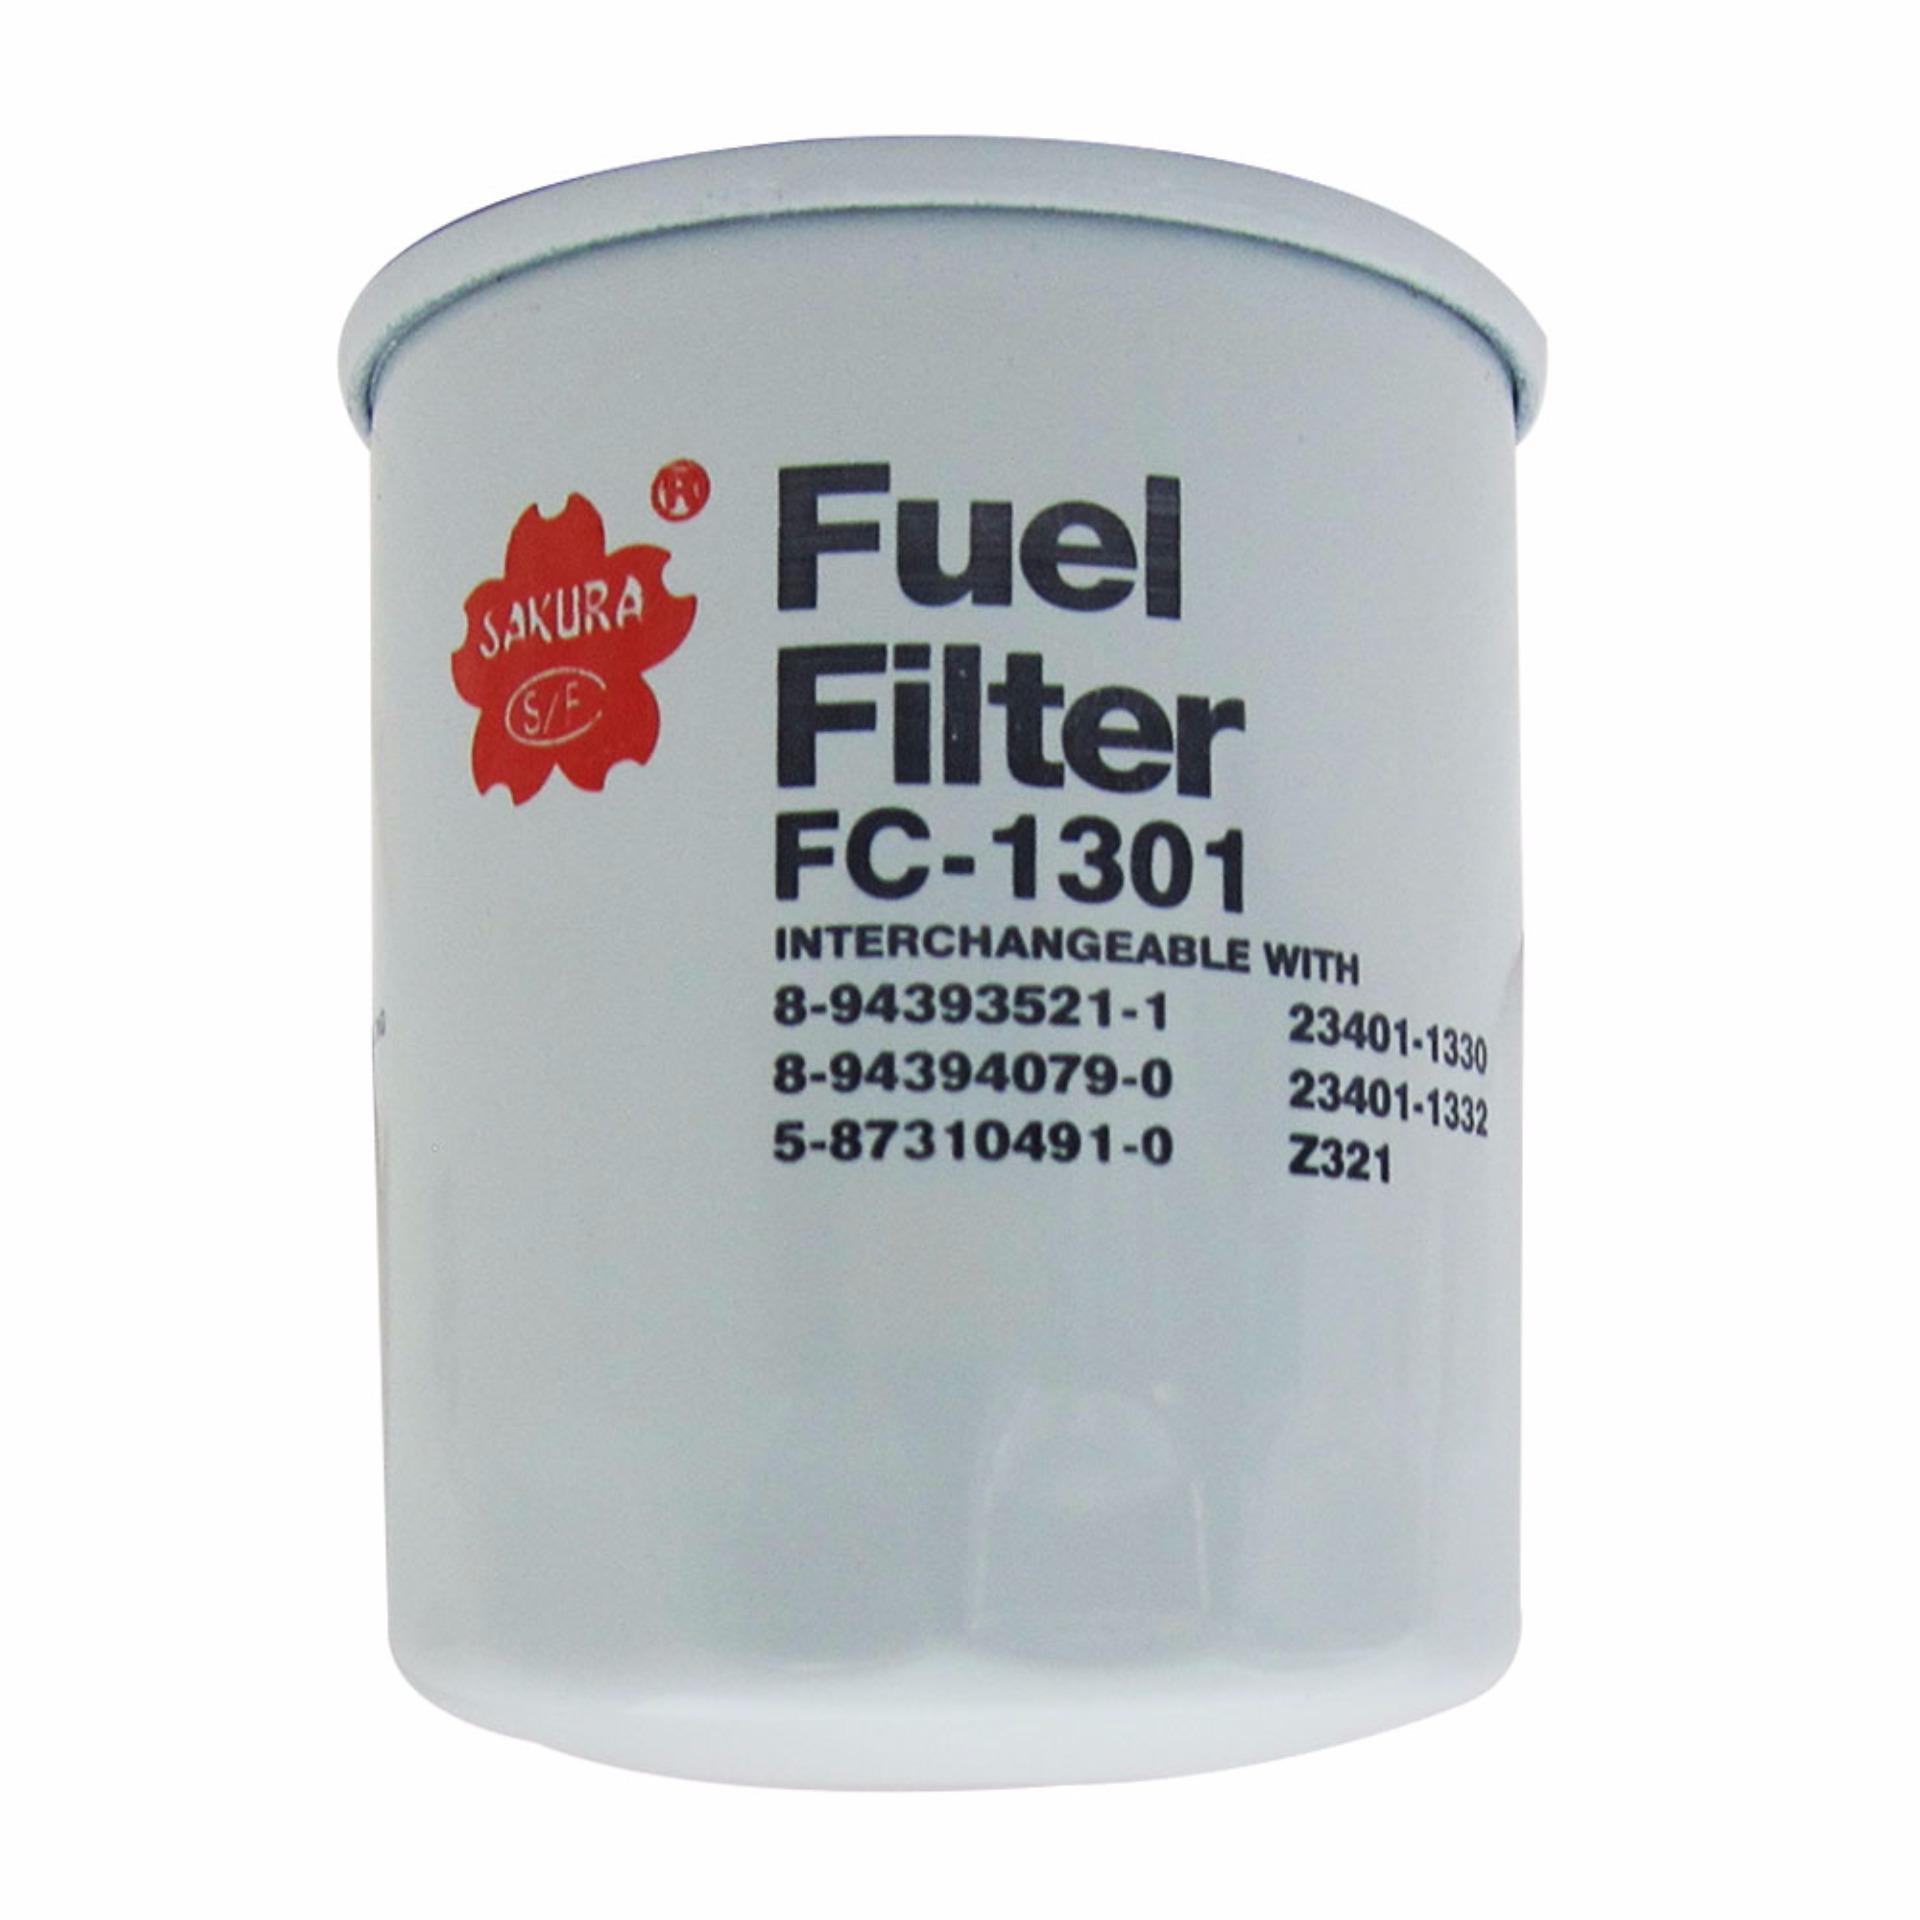 Isuzu Elf Fuel Filter Wiring Diagram 2010 Dodge Journey Location Philippines Sakura Fc 1301 For Trooperelf 4hf1 Diesel Filters